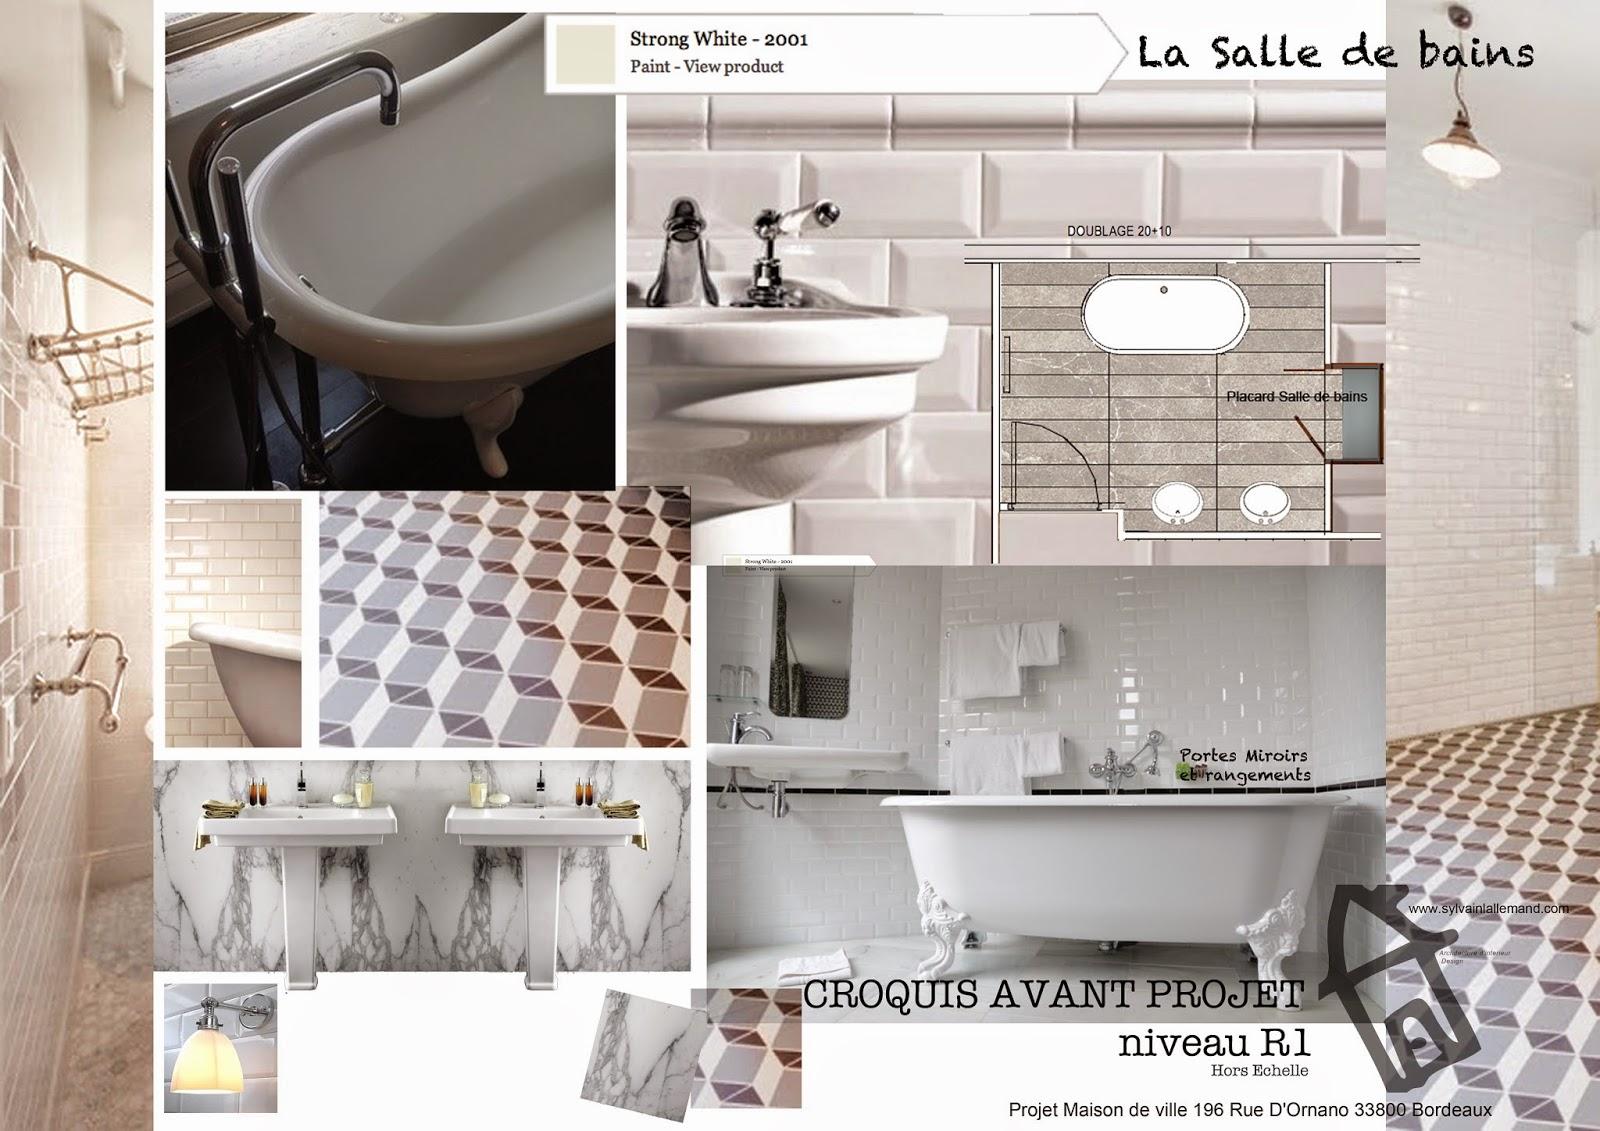 renovation et transforamation d 39 une echope bordealaise sylvain lallemand architecte d 39 interieur. Black Bedroom Furniture Sets. Home Design Ideas